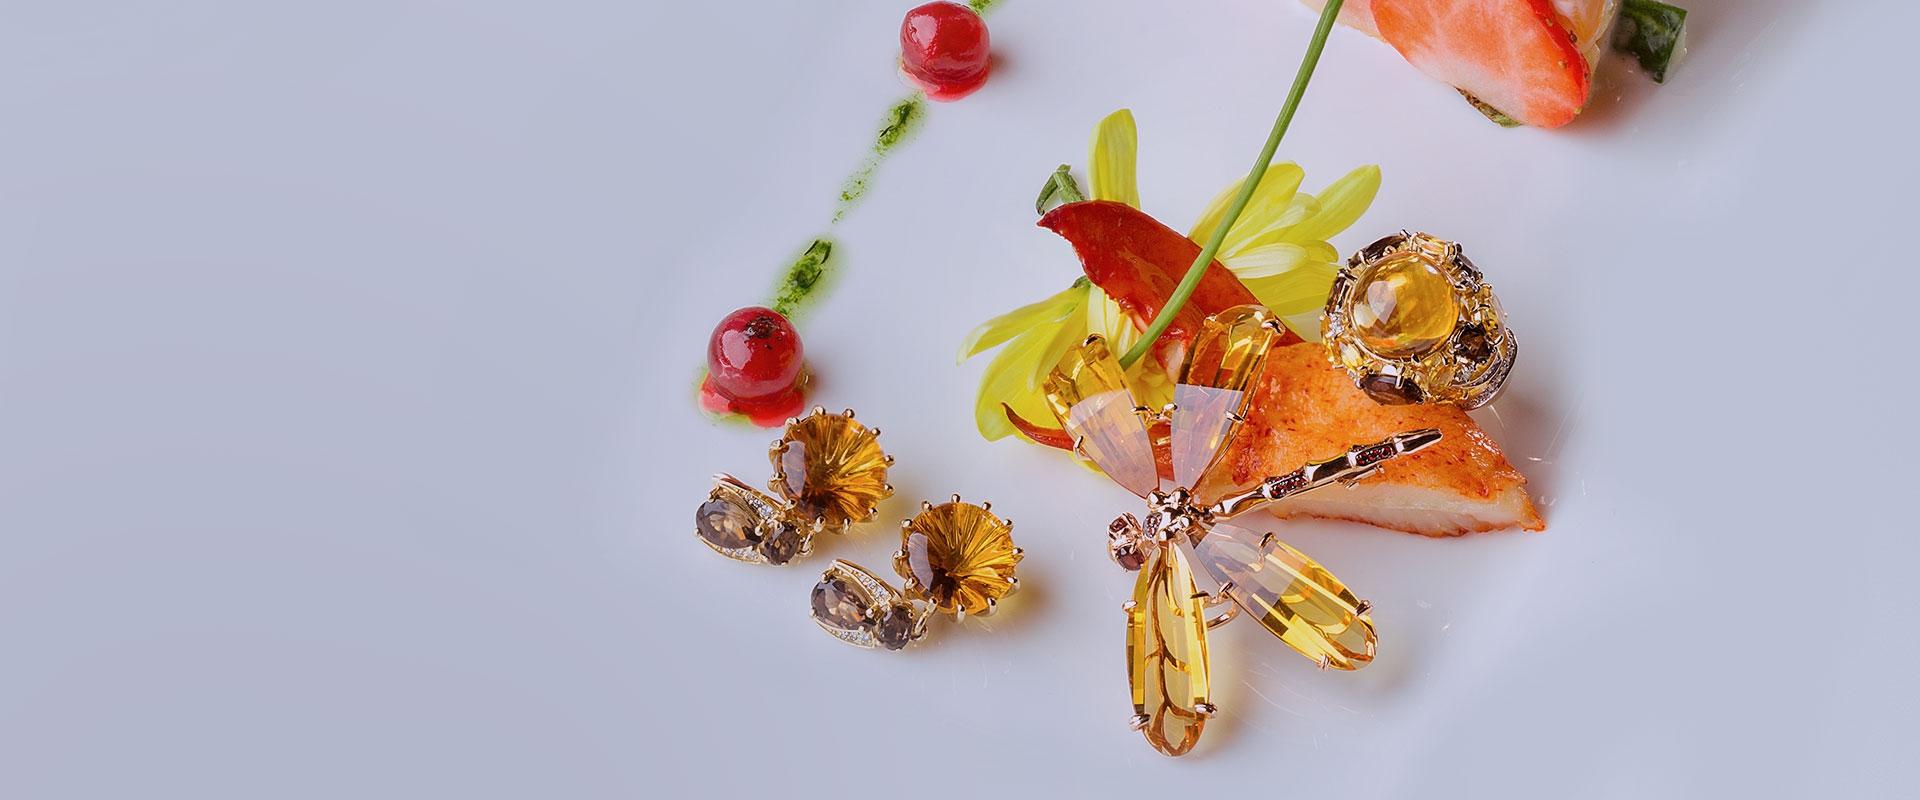 Ювелирные украшения, обручальные кольца, Красноярск - Ремикс  фото, цены,  акции 592a430400e